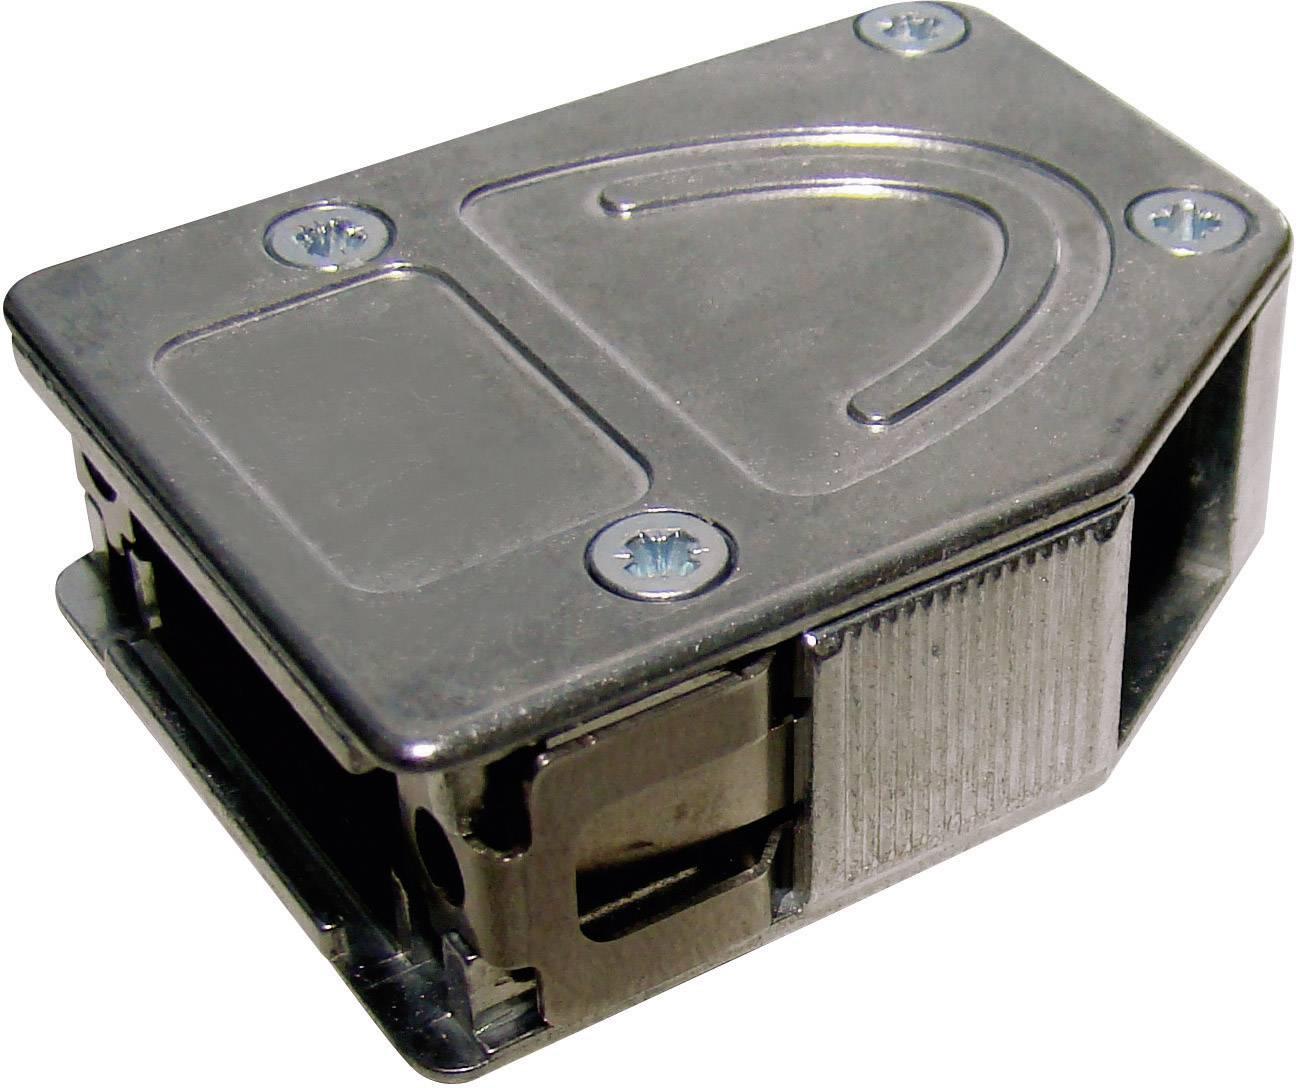 D-SUB púzdro Provertha 10425DC001 10425DC001, Počet pinov: 25, kov, 180 °, 45 °, 45 °, strieborná, 1 ks